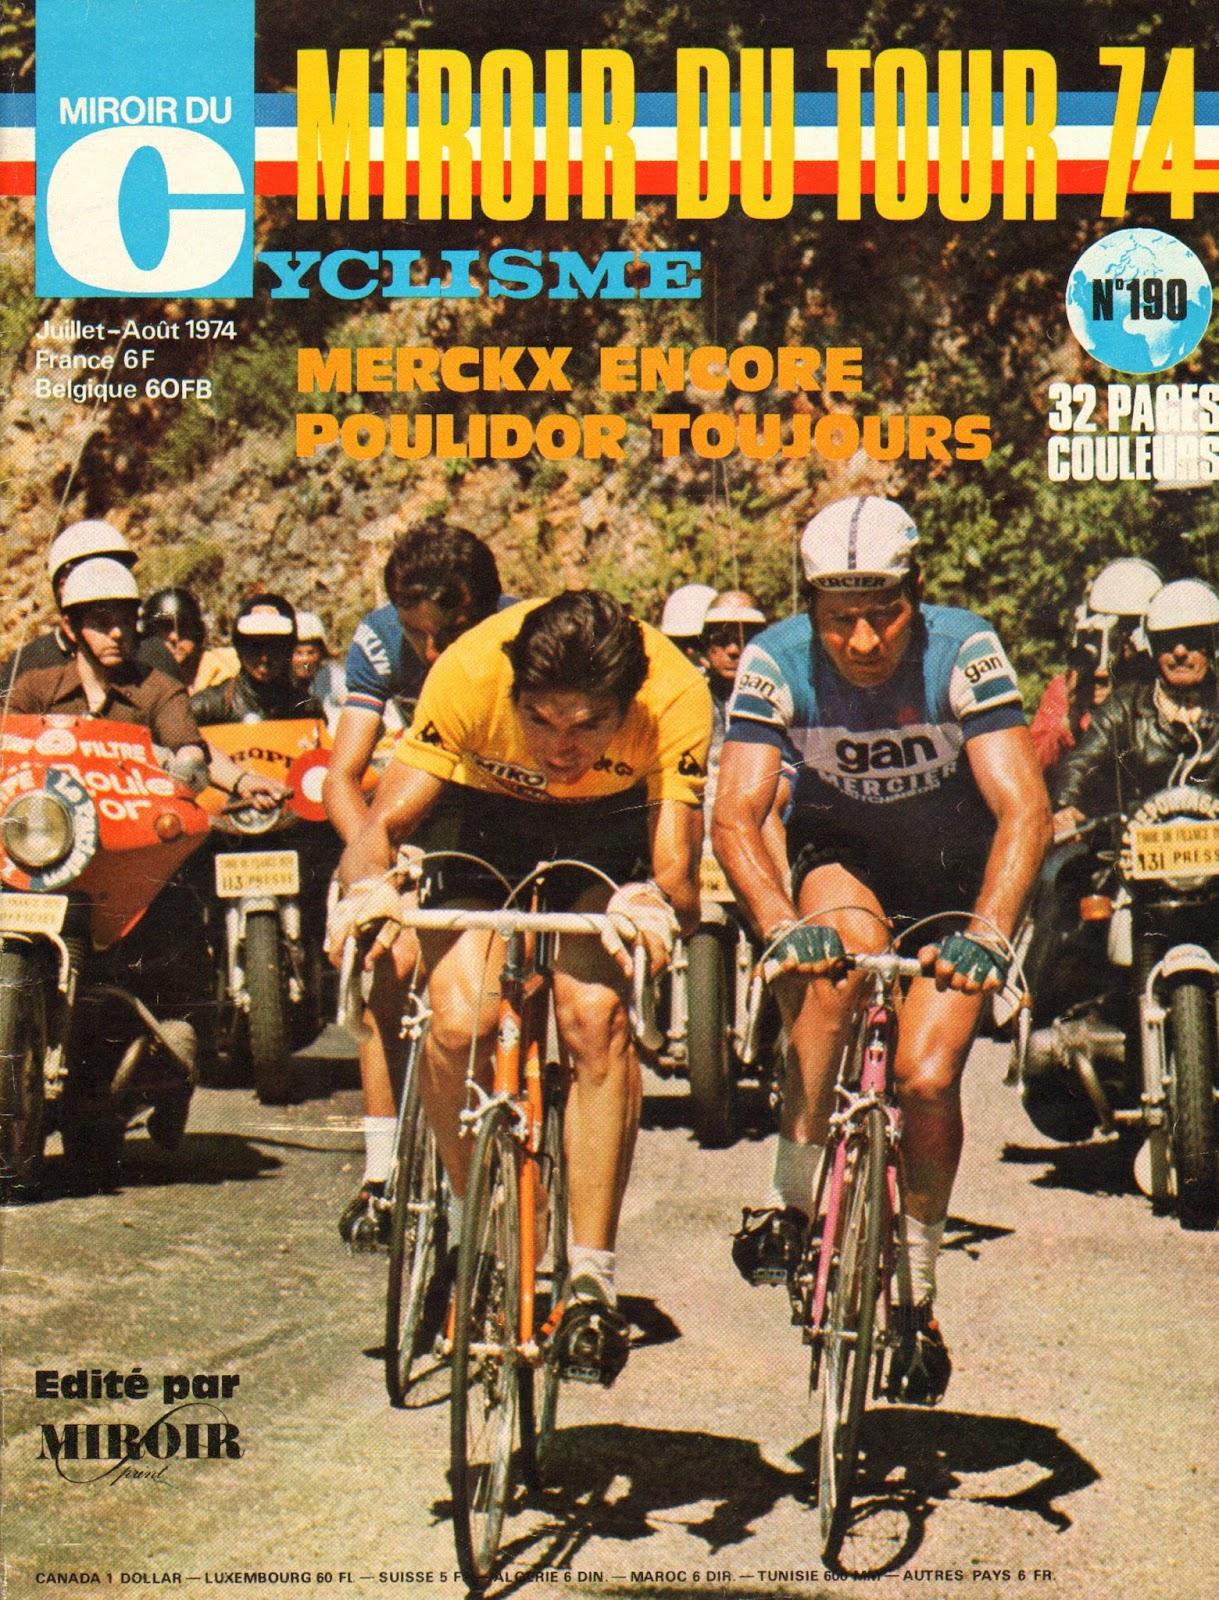 Mon tour de france 1959 la suite poulidor la une de for Miroir du cyclisme